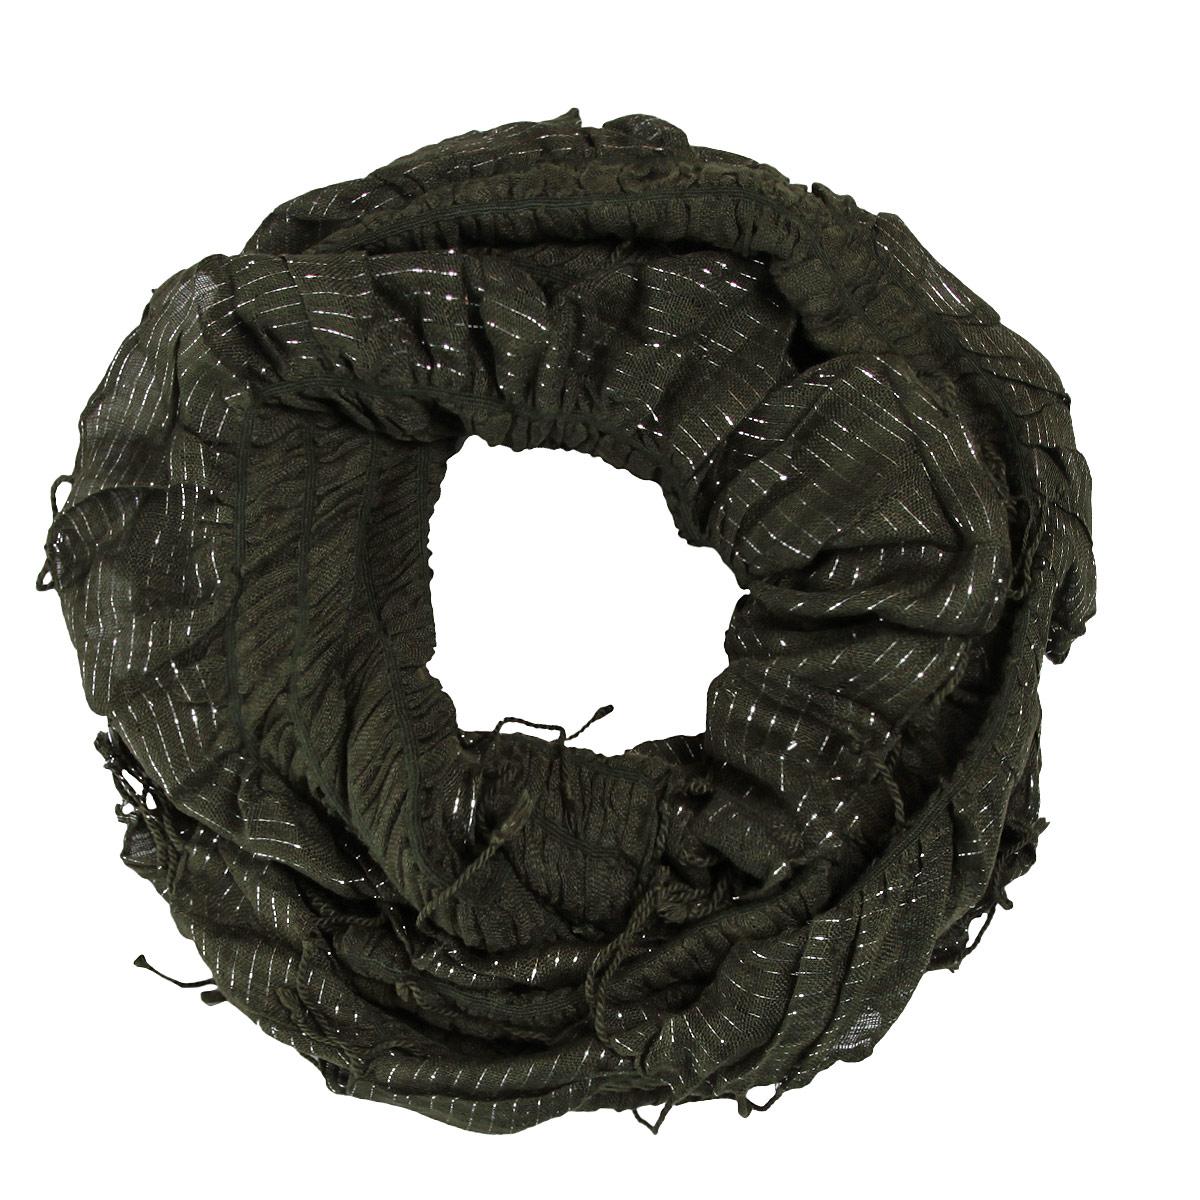 Шарф748070Элегантный шарф, выполненный из 100% вискозы, создан подчеркивать роскошную неоднозначность вашего образа. Шарф по краям декорирован люрексом и кистями, скрученными в жгутики. Этот модный аксессуар женского гардероба гармонично дополнит образ современной женщины, следящей за своим имиджем и стремящейся всегда оставаться стильной и элегантной. В этом шарфе вы всегда будете выглядеть женственной и привлекательной.